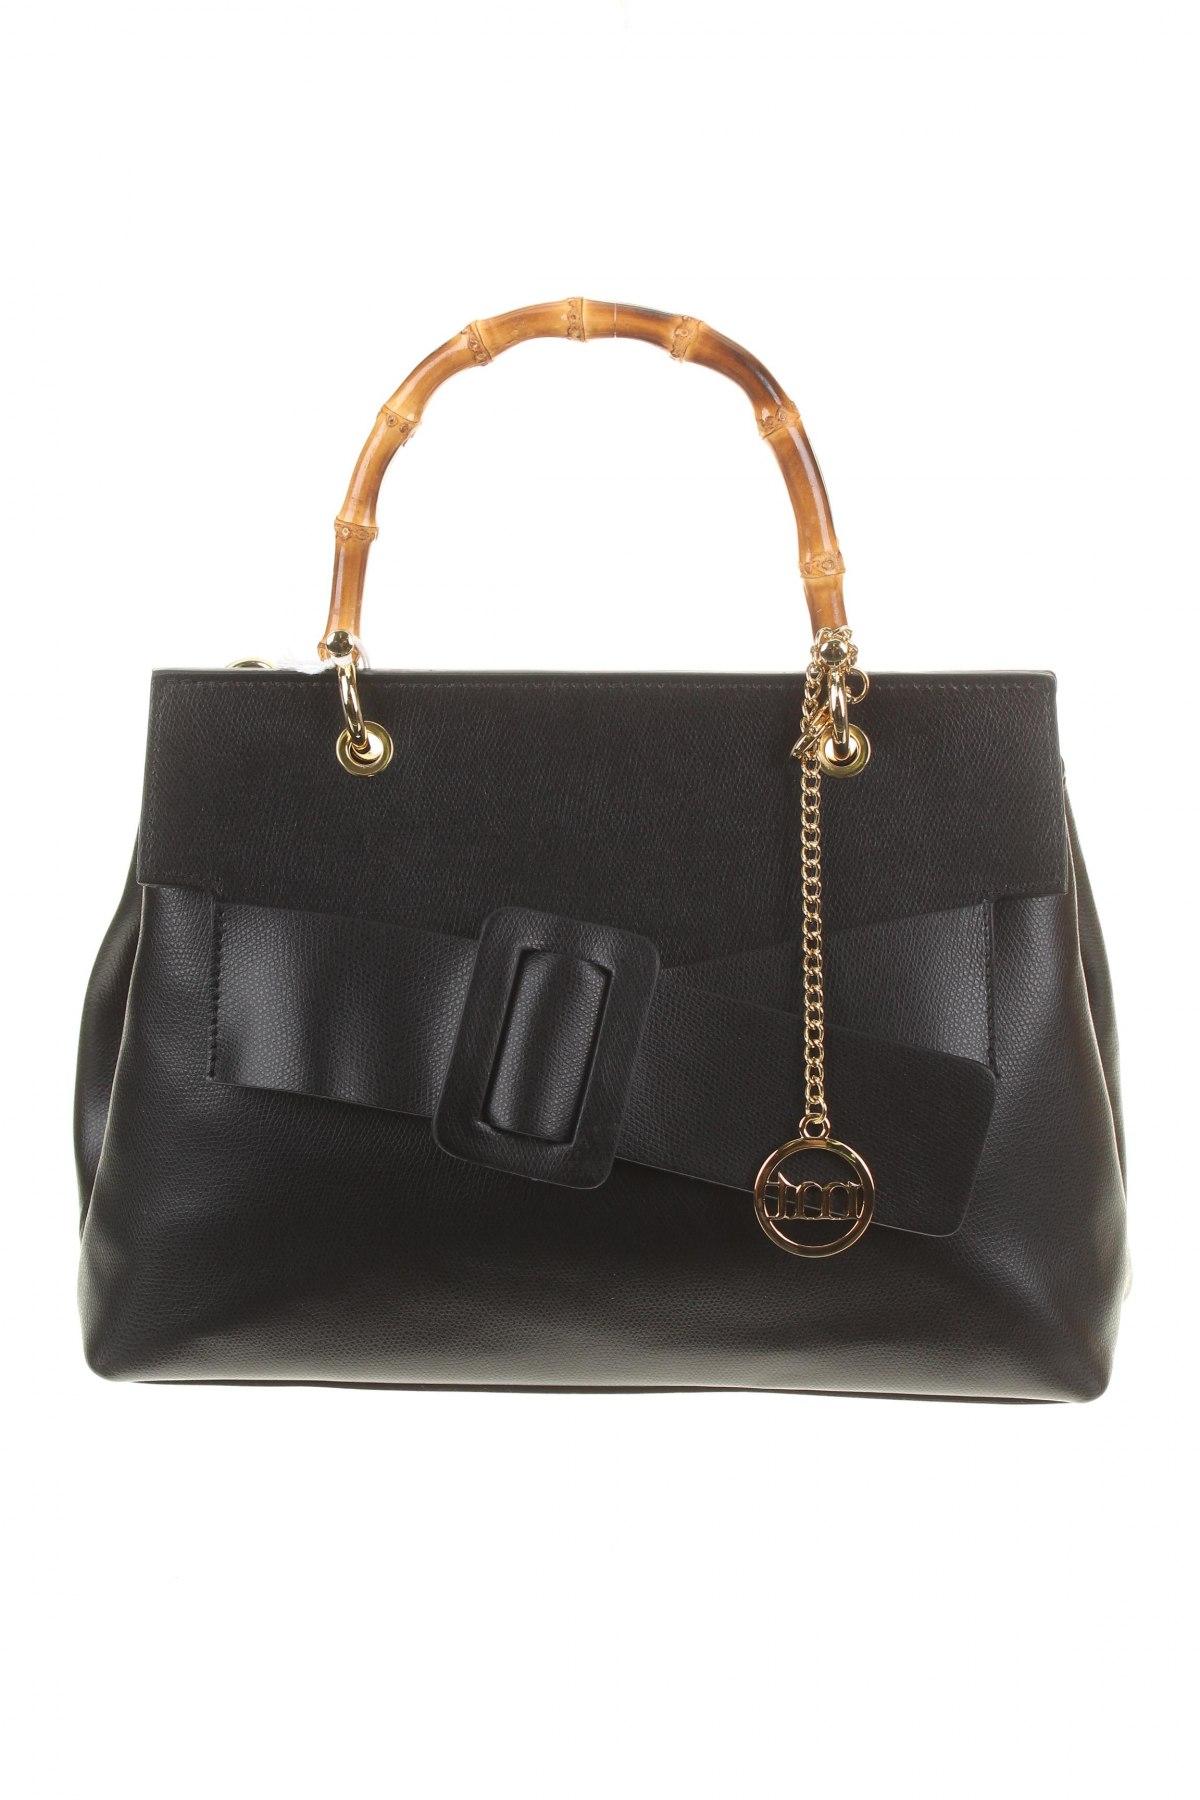 Γυναικεία τσάντα Mia Tomazzi